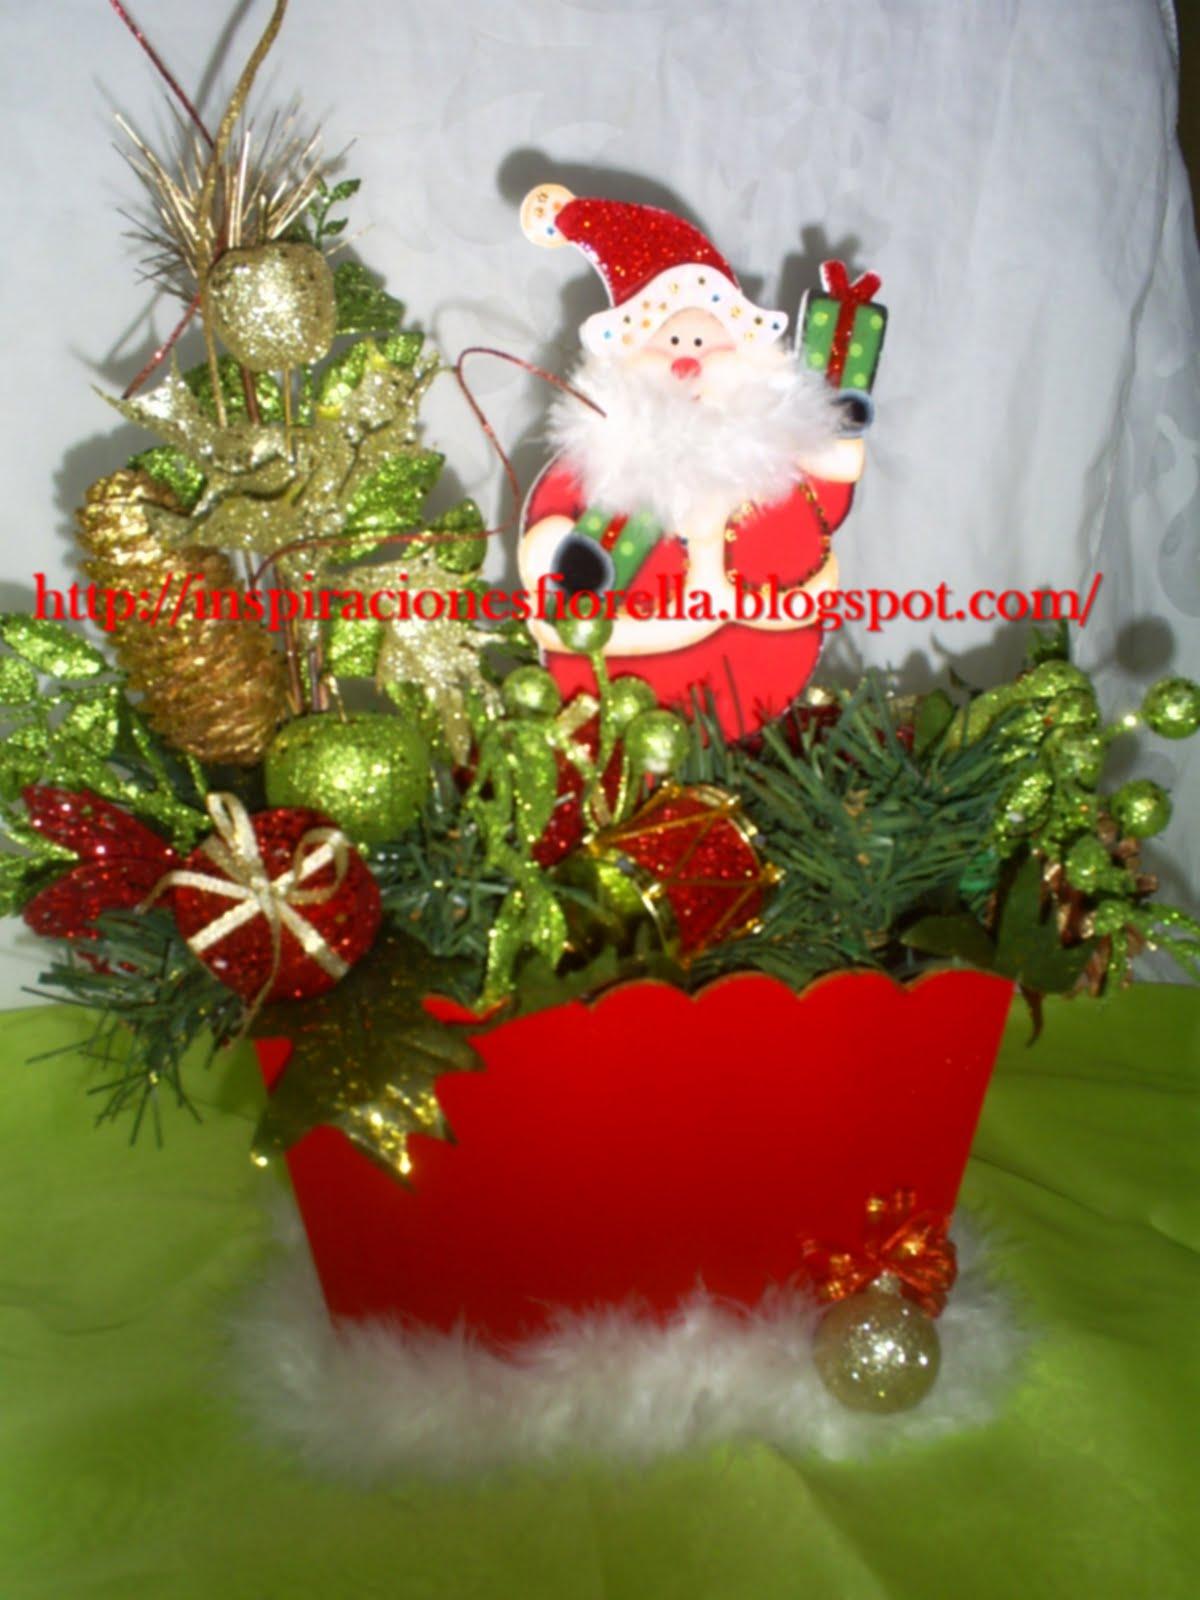 Inspiraciones fiorella centros de mesa navide os for Centros navidenos